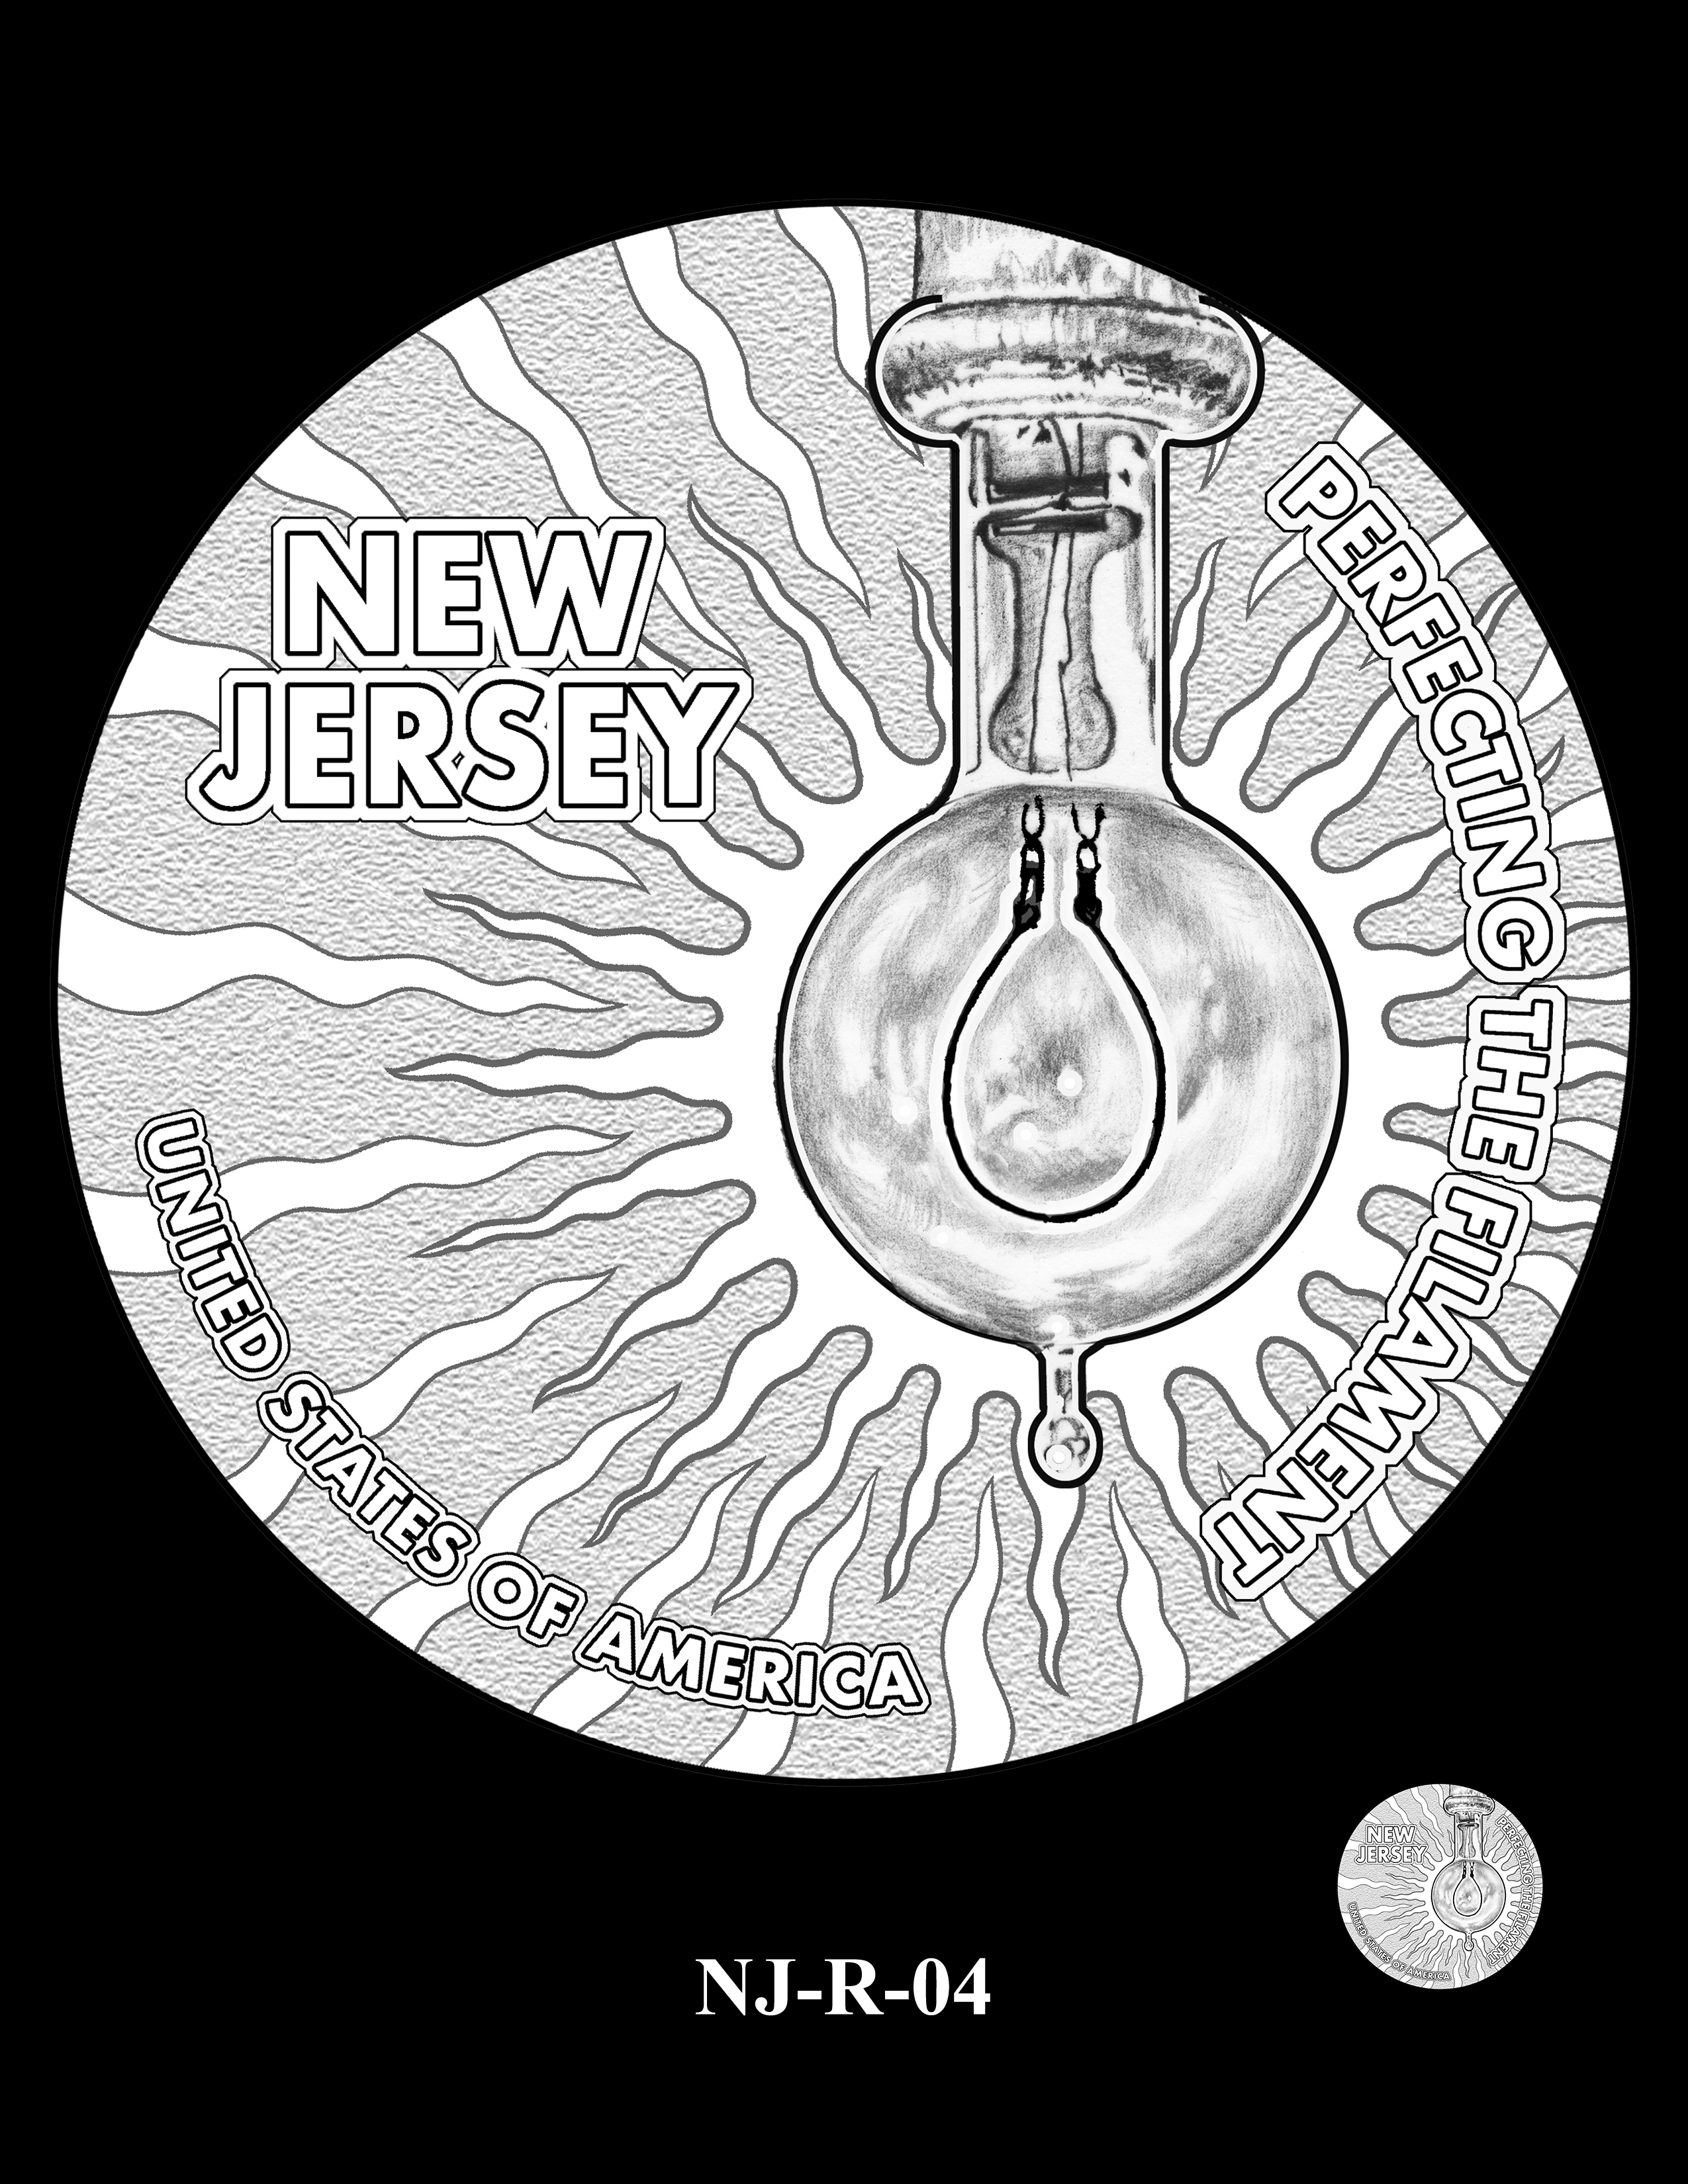 NJ-R-04 -- 2019 American Innovation $1 Coin Program